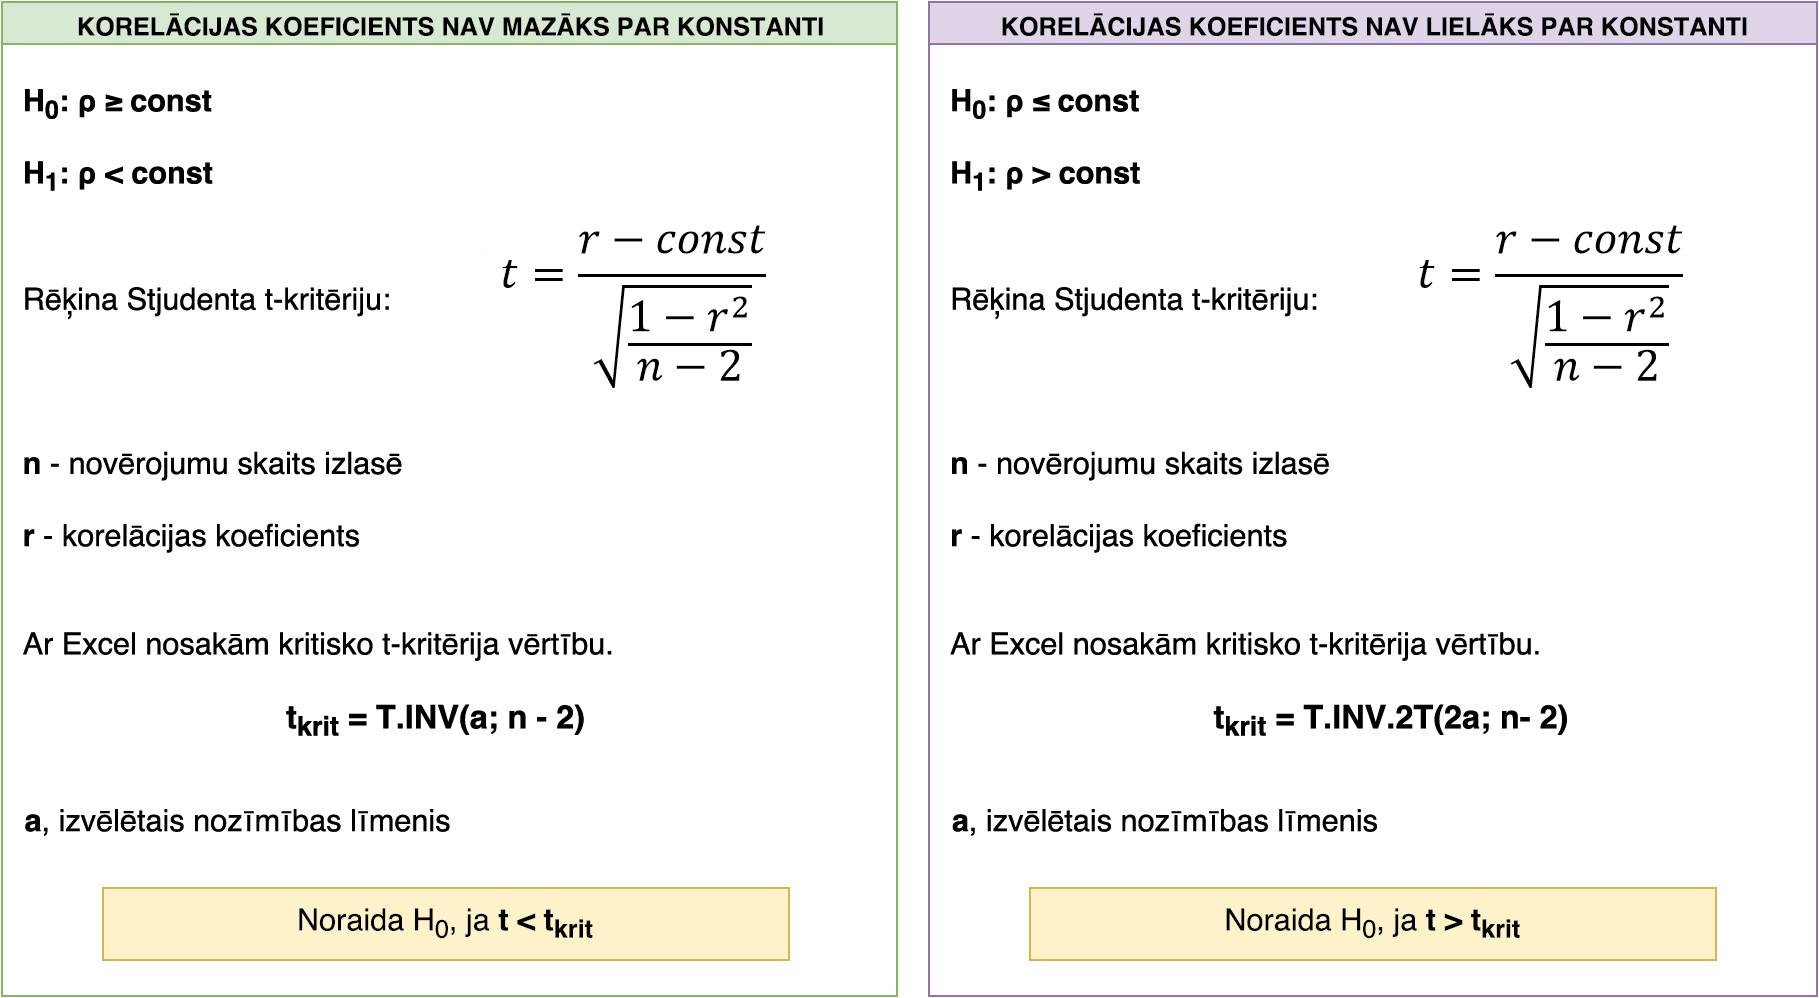 Hipotēzes pārbaude par to, vai korelācijas koeficients ir lielāks / mazāks par kādu pieņemtu konstanti (skaitli).